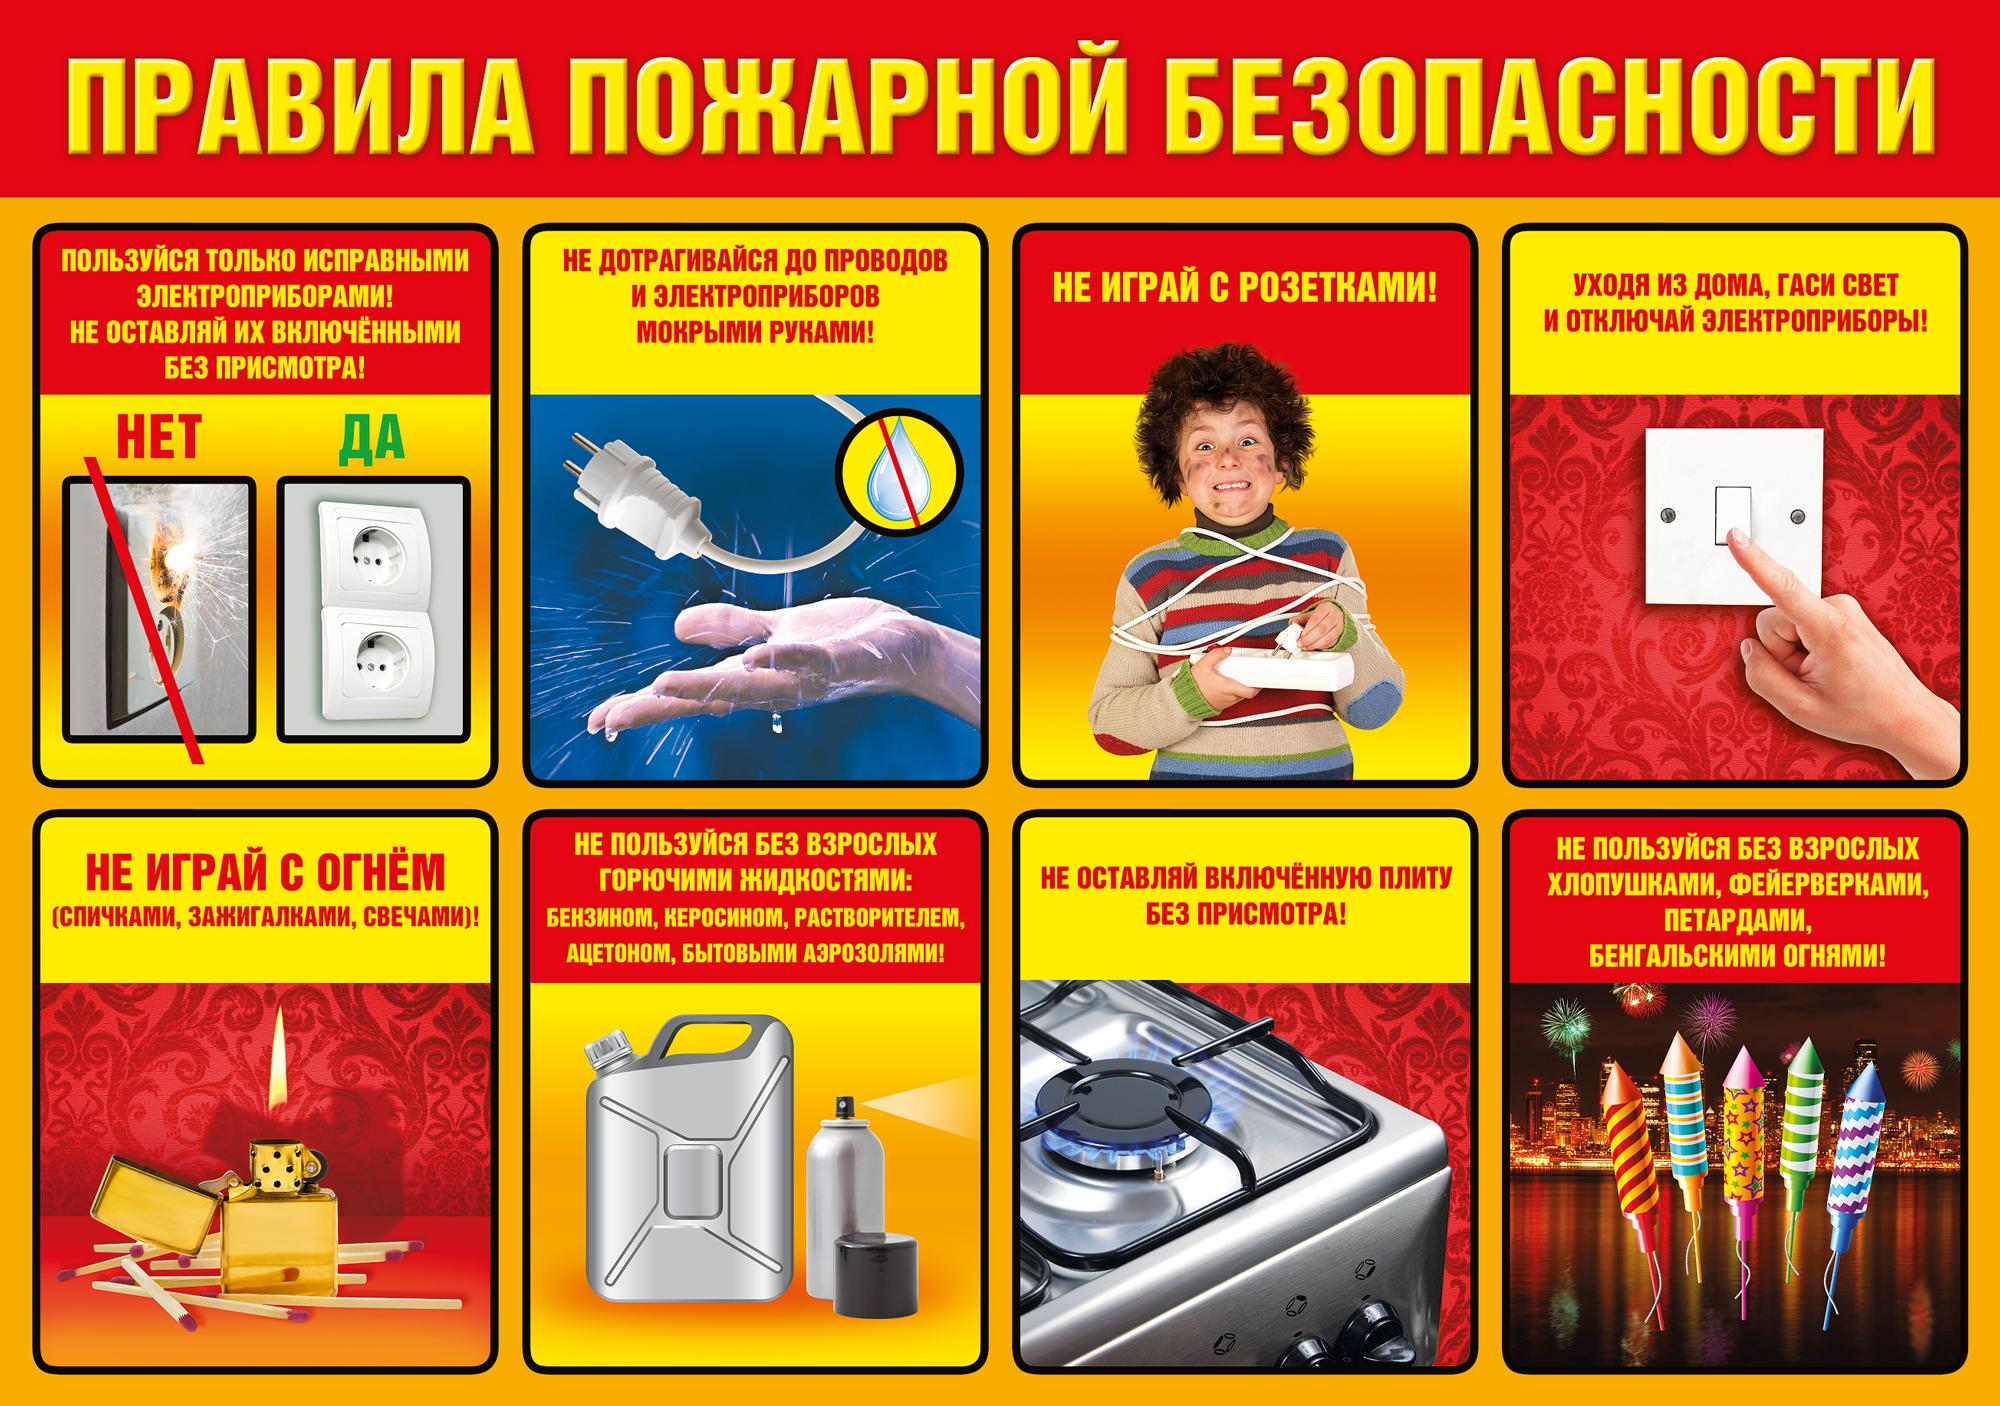 Картинки по запросу картинка пожарной безопасности